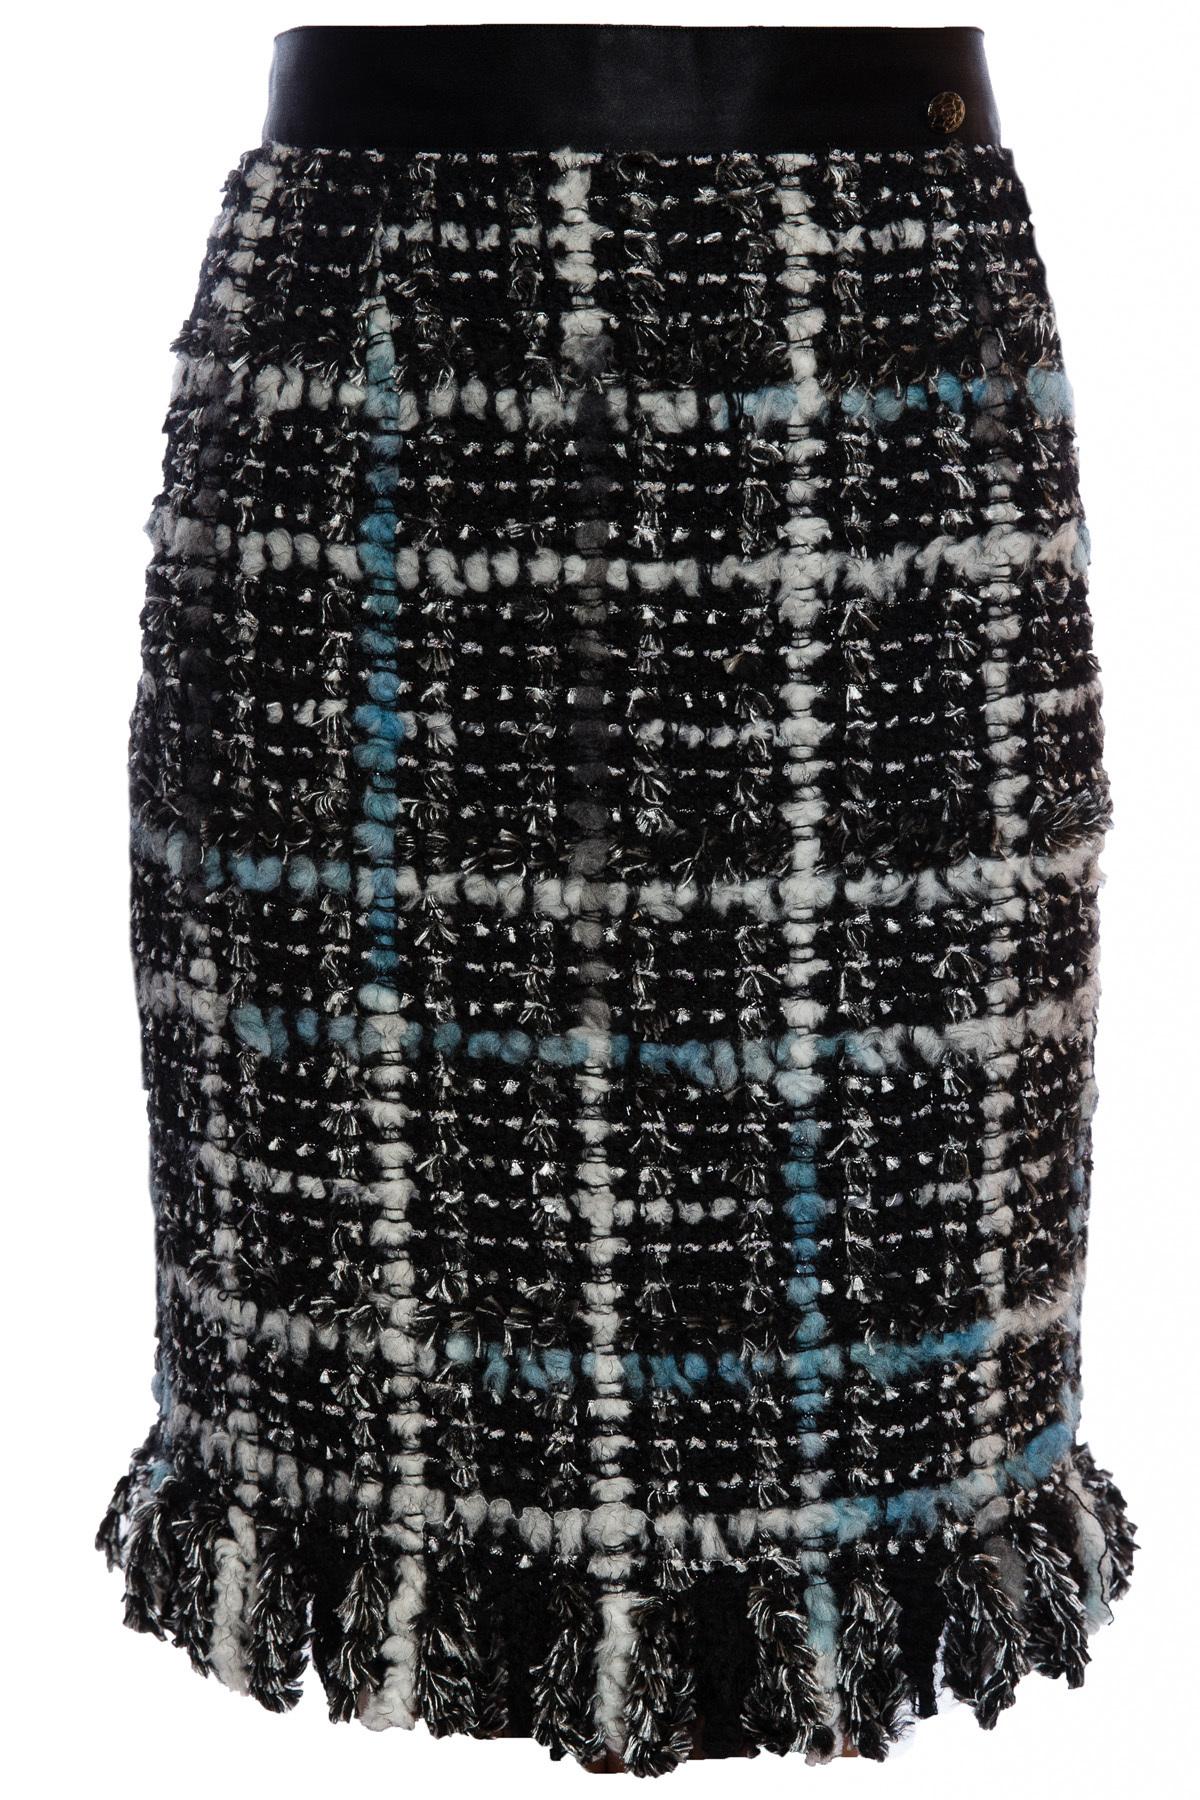 Элегантная юбка в клетку из твида от Chanel, 42 размер.